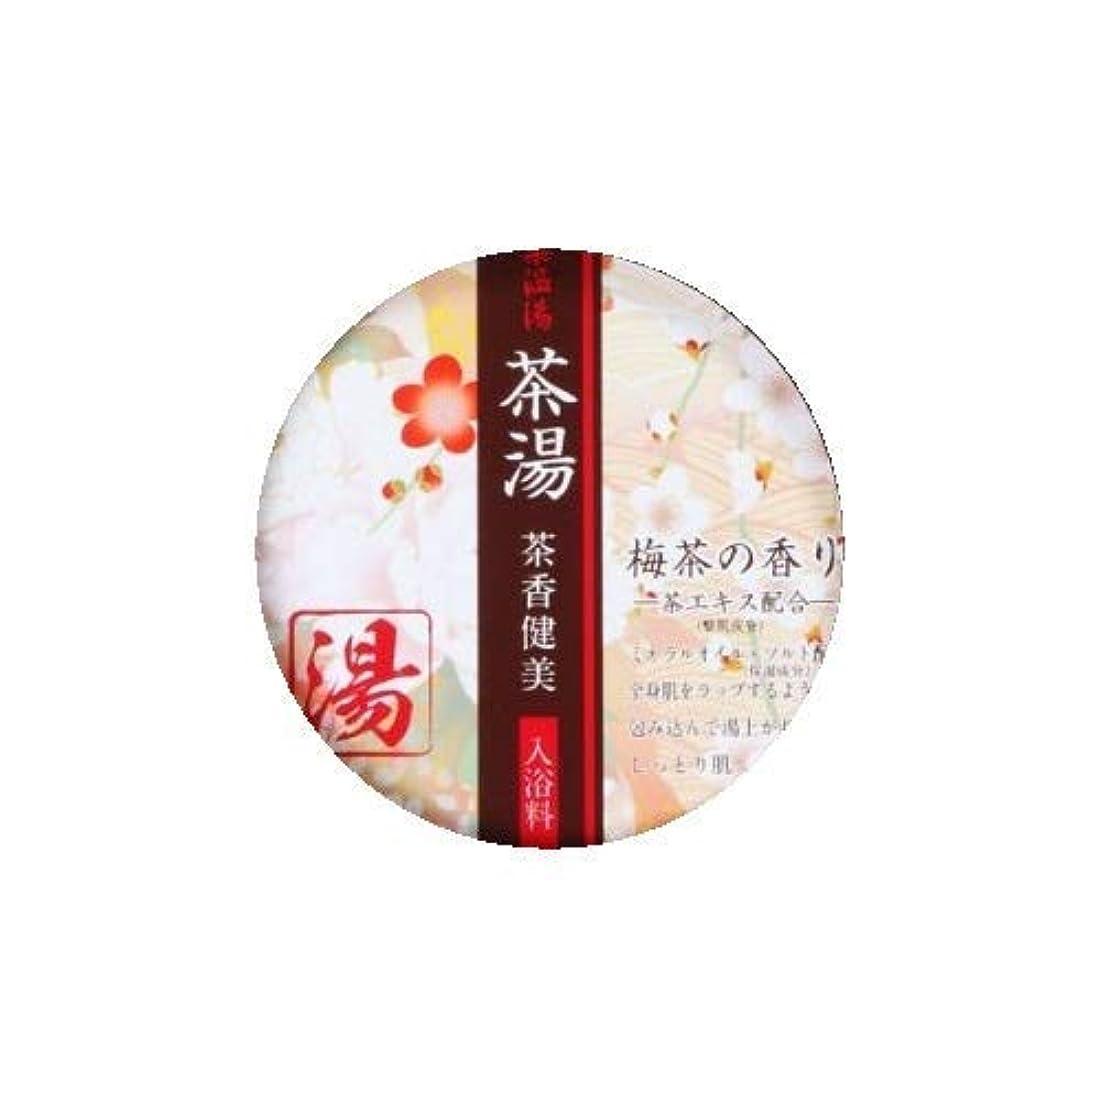 口径トレイル蓮薬温湯 茶湯 入浴料 梅茶の香り POF-10U